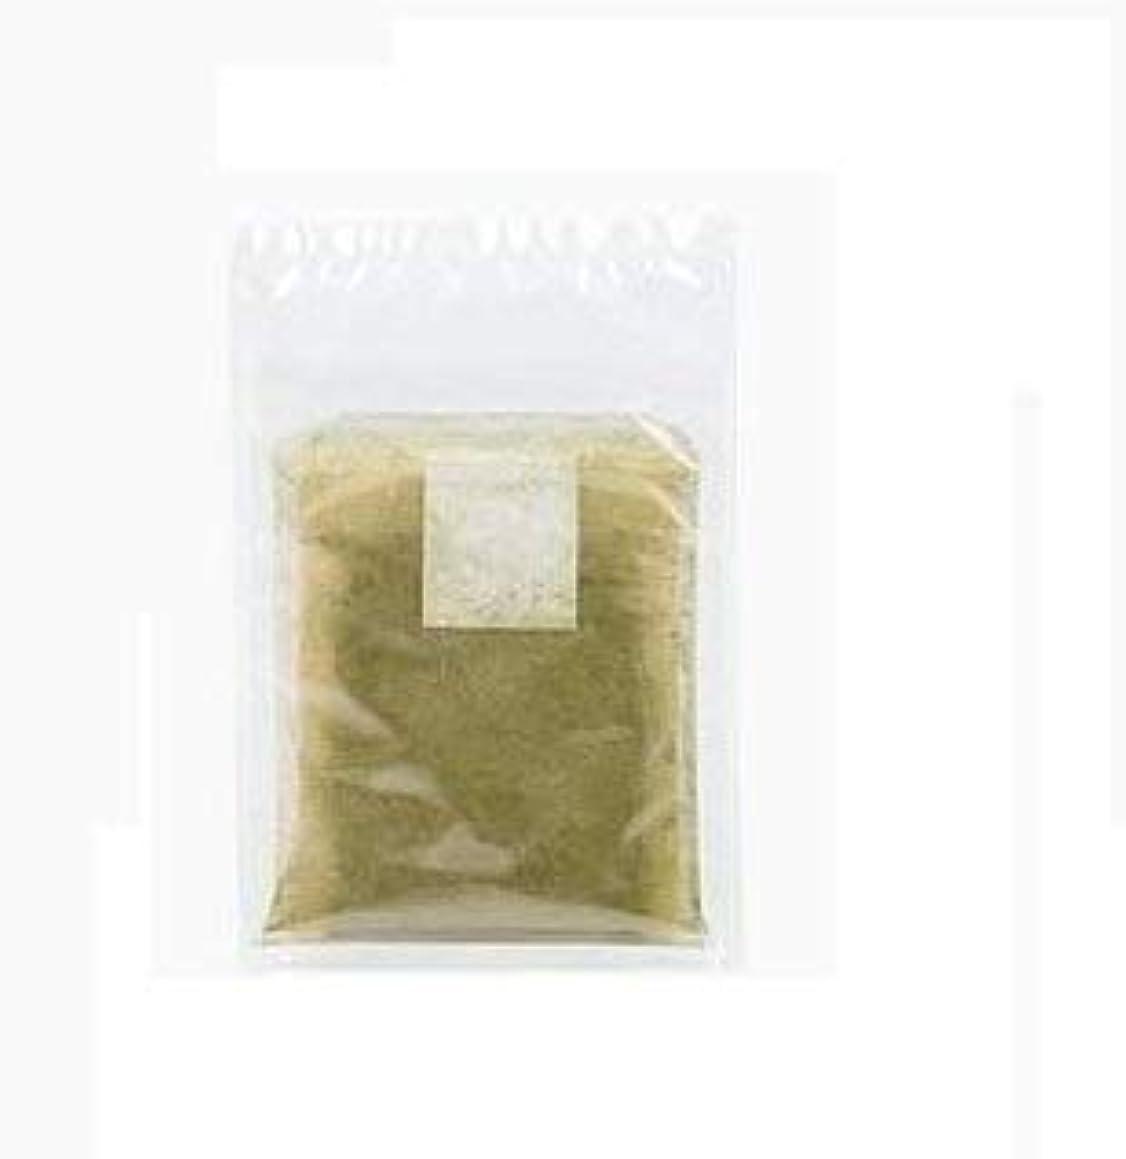 ボイド二次闘争メール便 美身麗茶 びしんれいちゃ 3g×3包 アップルティー味 ダイエット 健康茶 オーガニック デトックス スリム ヘルシー 美容 スリムボディ 日本製